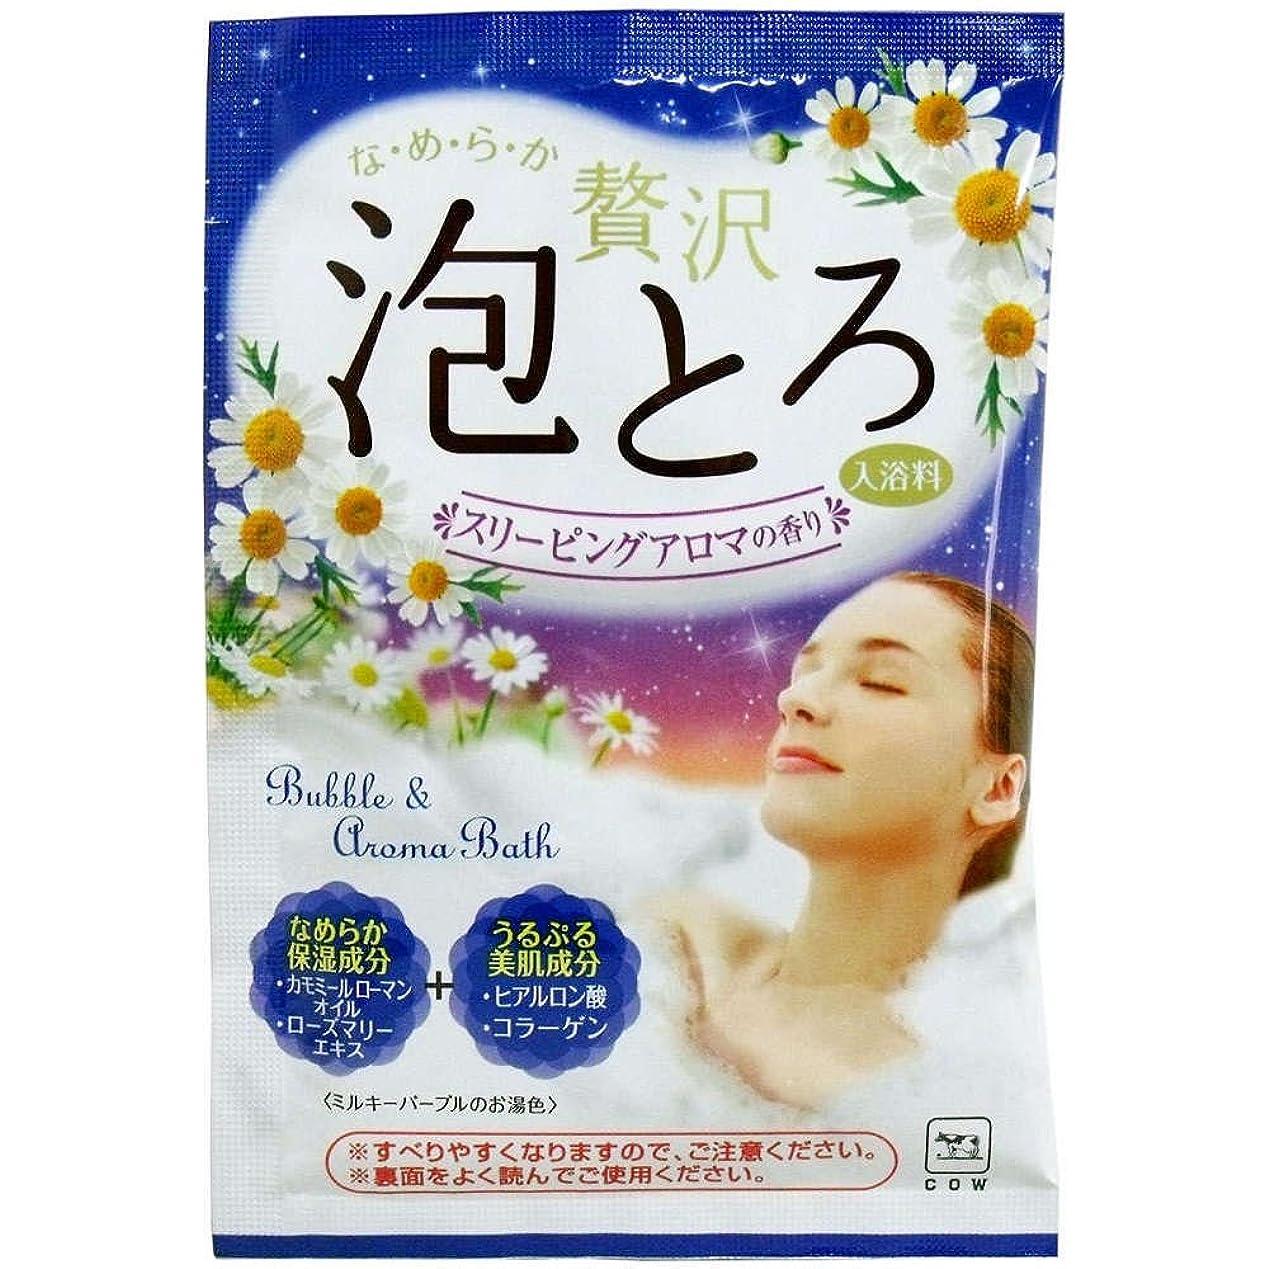 飾るバラエティインタビュー牛乳石鹸共進社 お湯物語 贅沢泡とろ 入浴料 スリーピングアロマの香り 30g